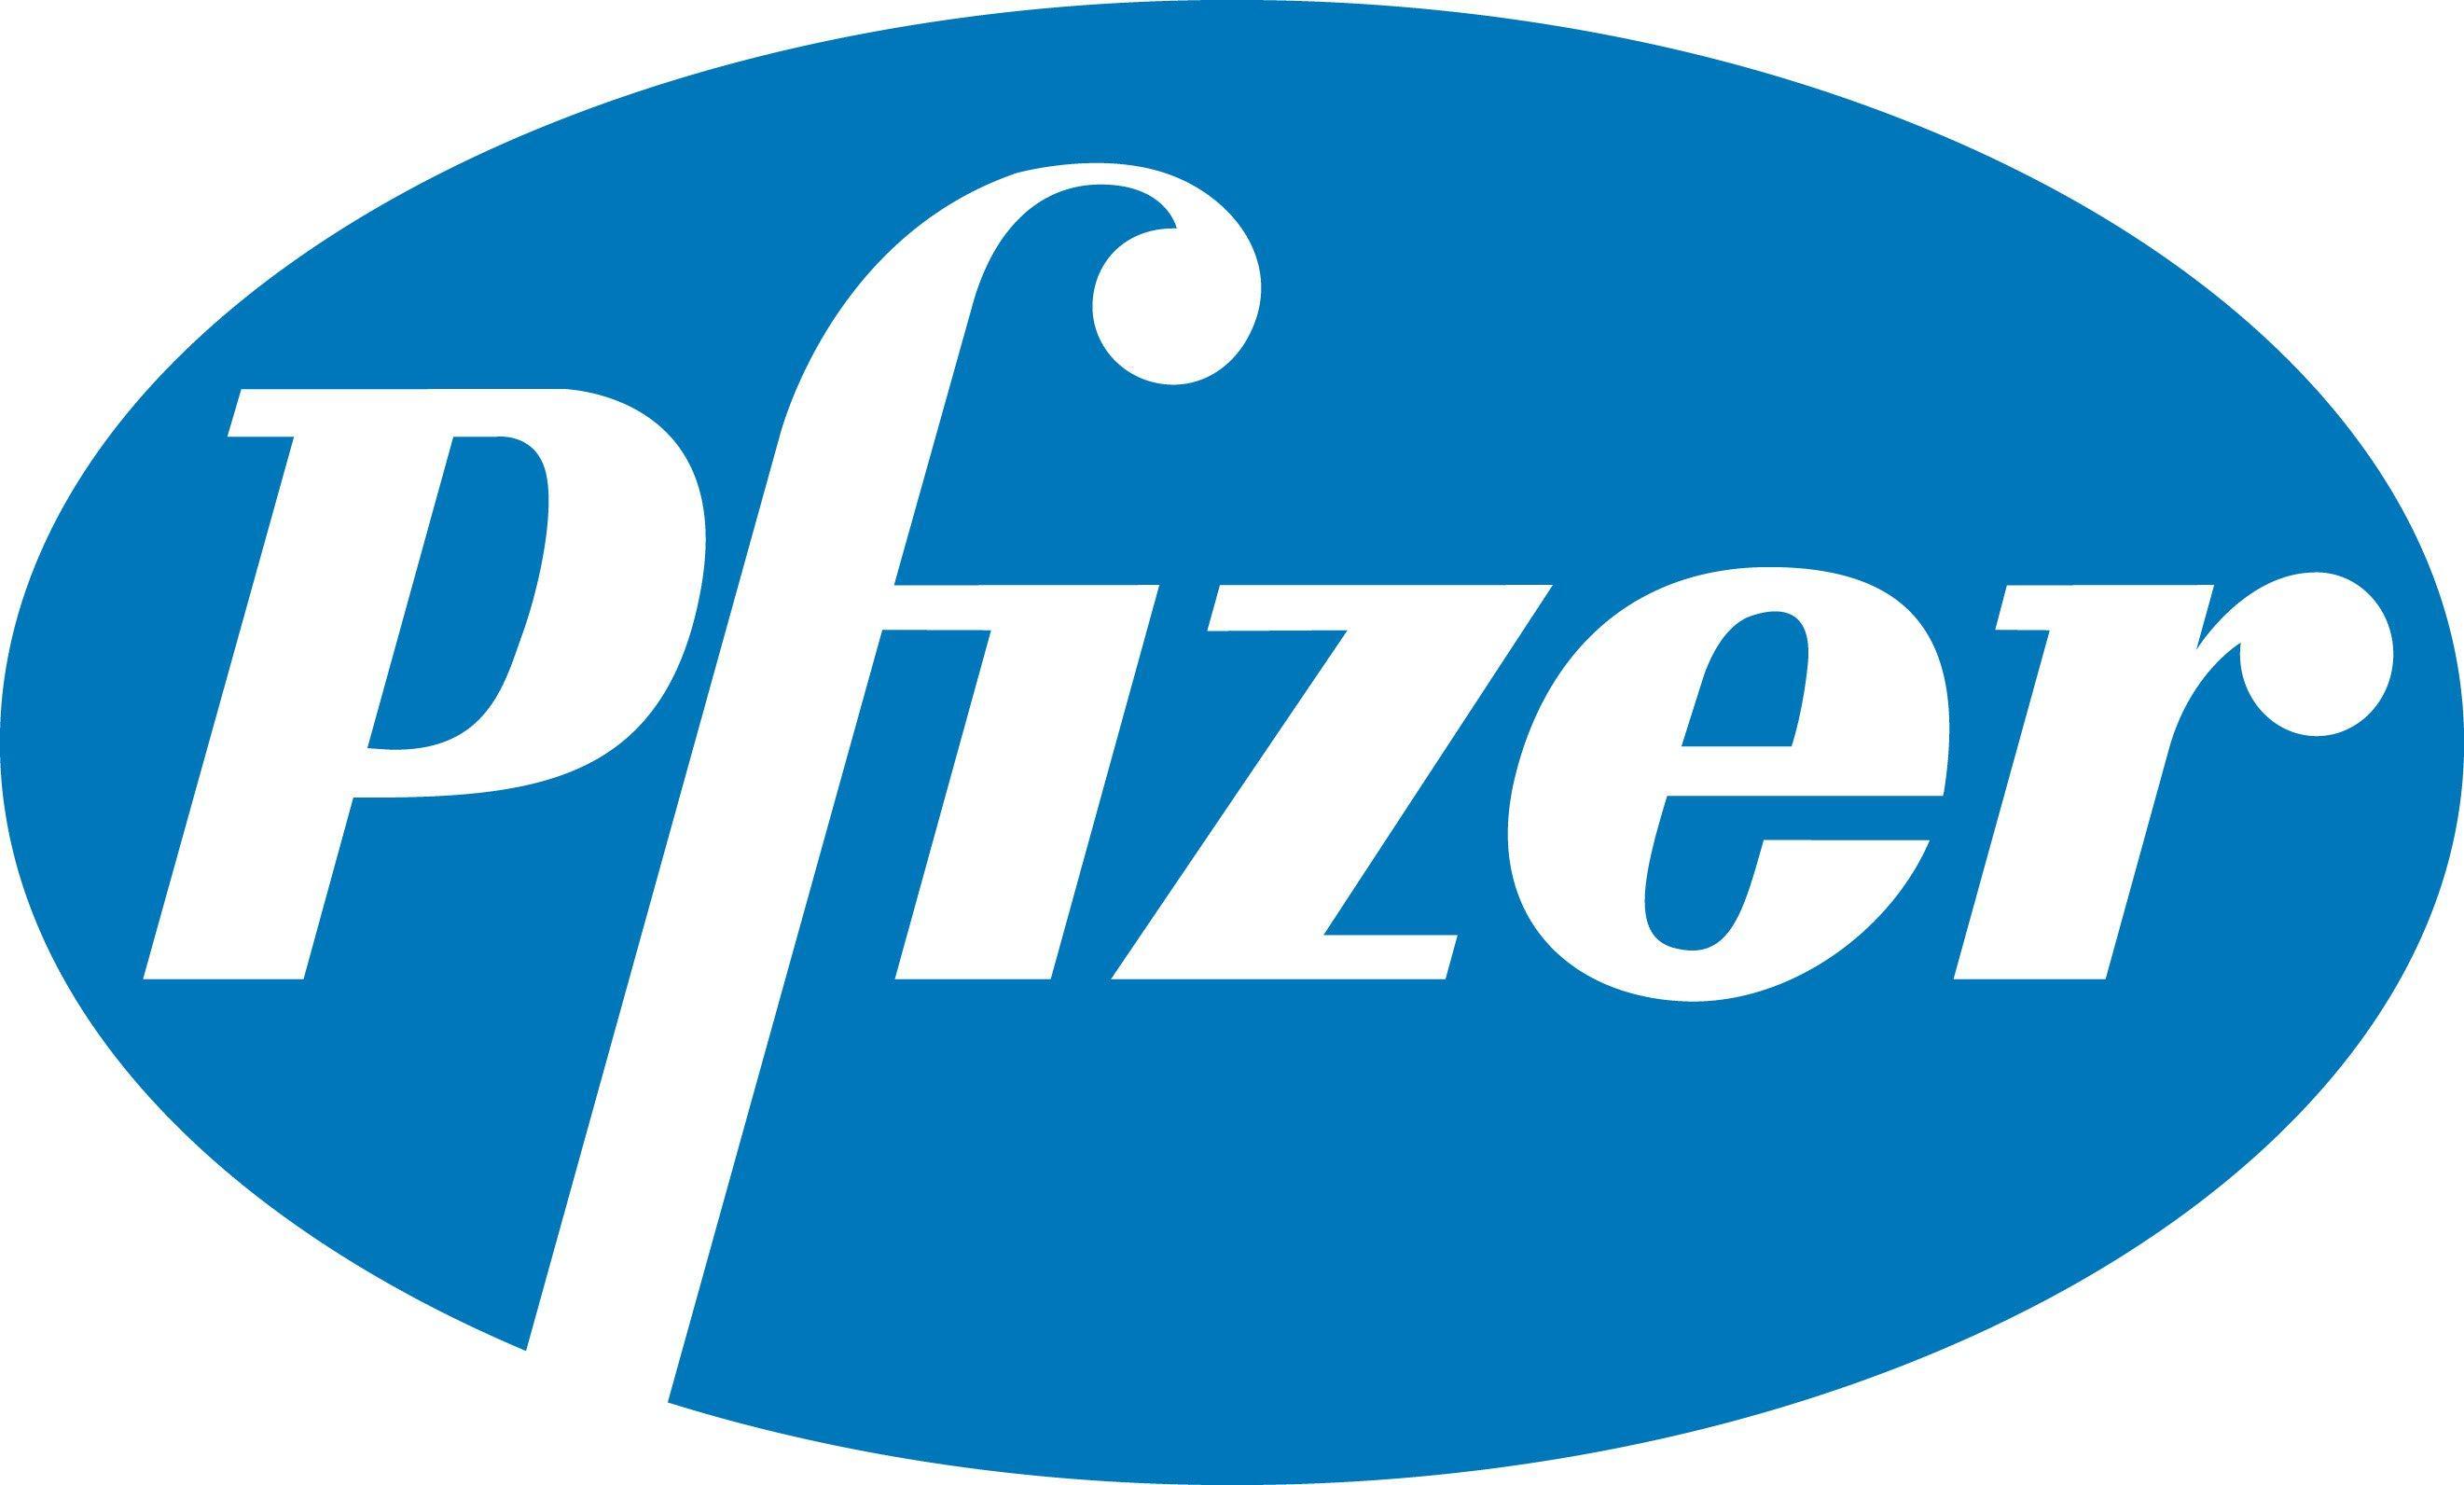 Pfizer: Where's The Stock Headed? - Pfizer Inc. (NYSE:PFE ...